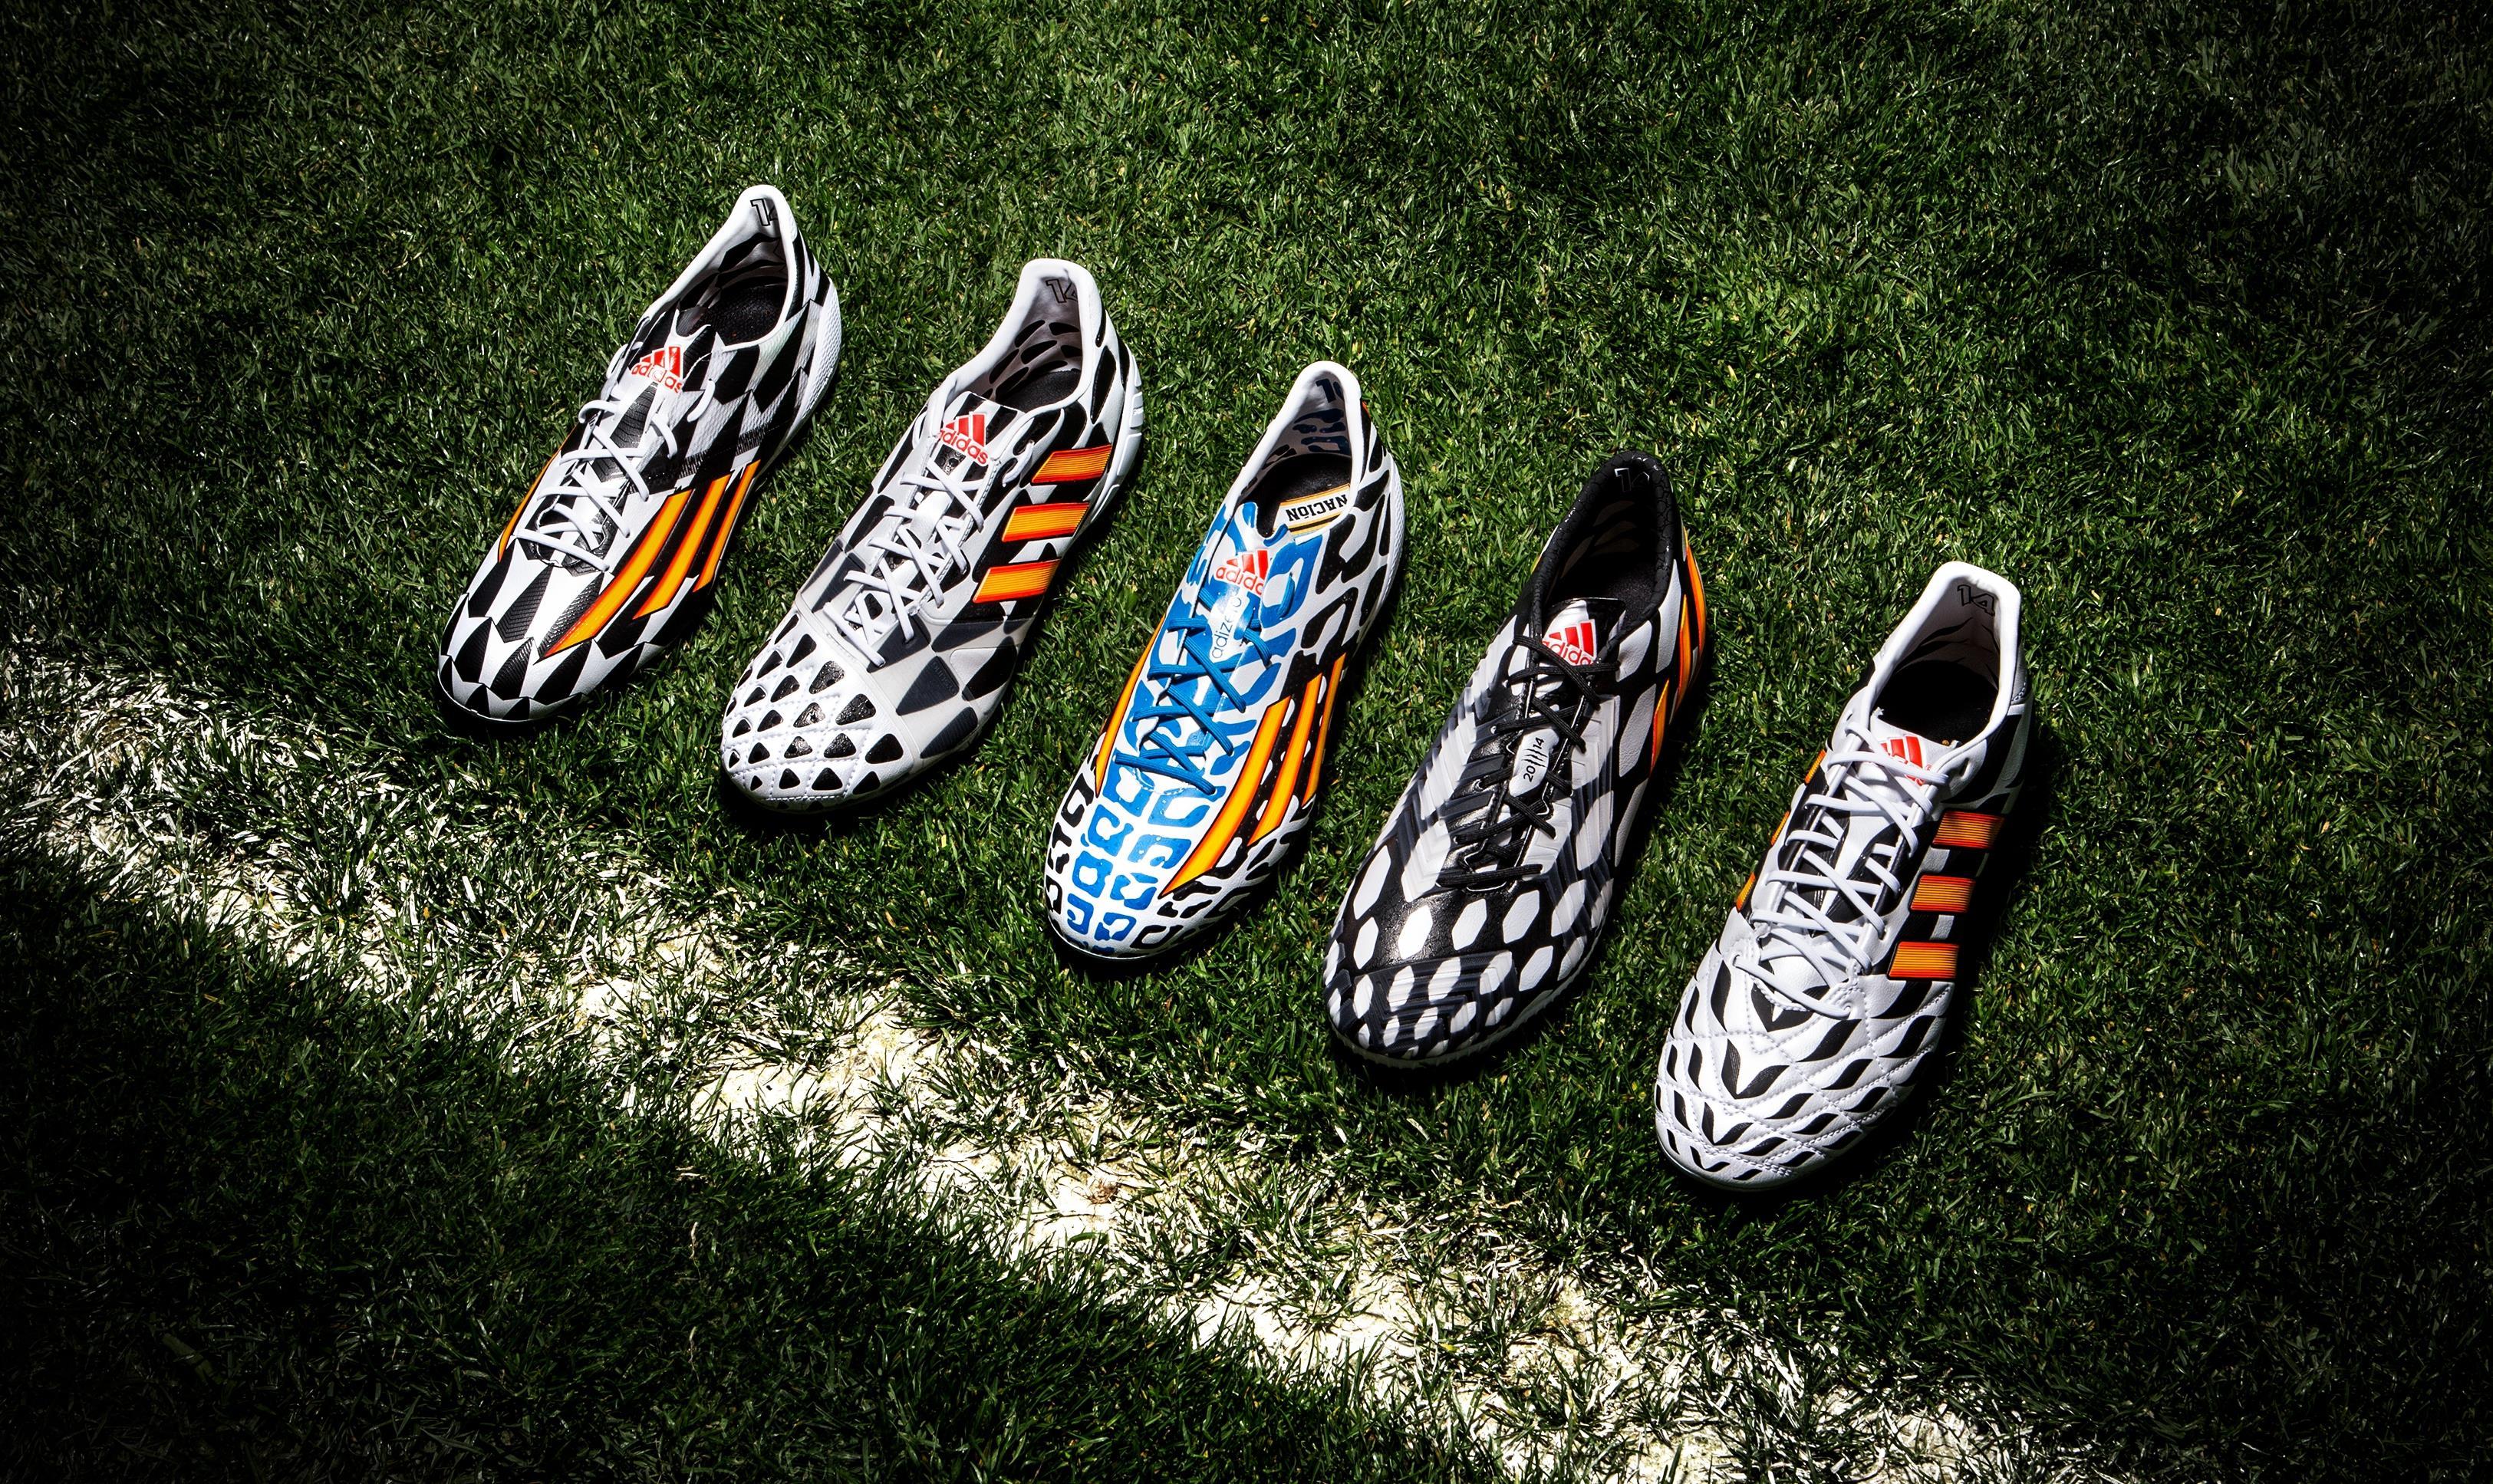 Adidas prezentuje kolekcję butów na mistrzostwa świata 2014